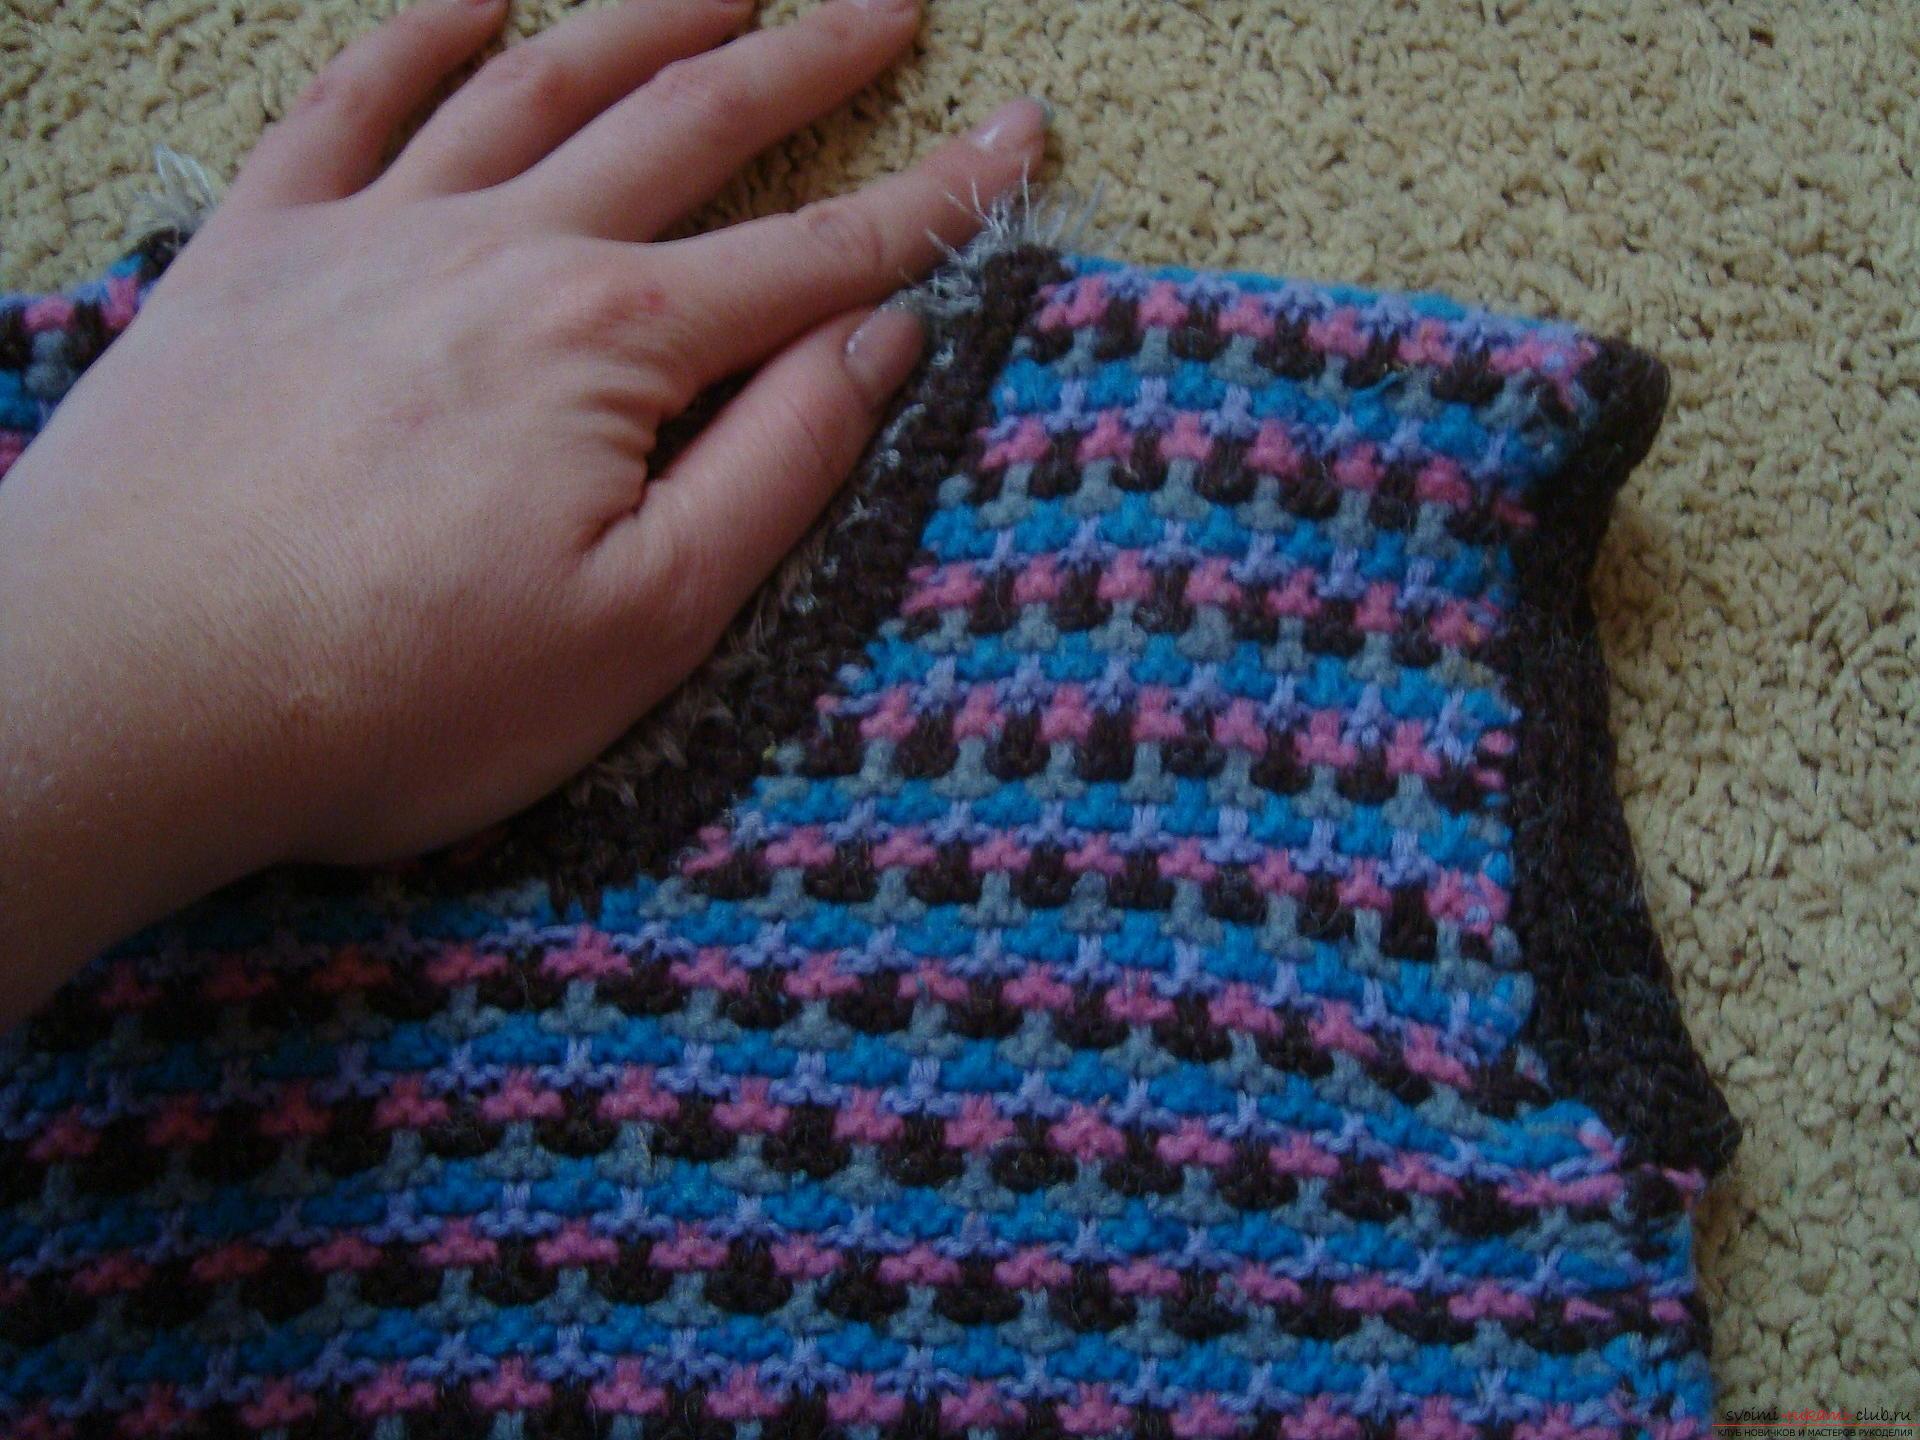 детская жилетка крючком для мальчика пошаговое вязание по схеме